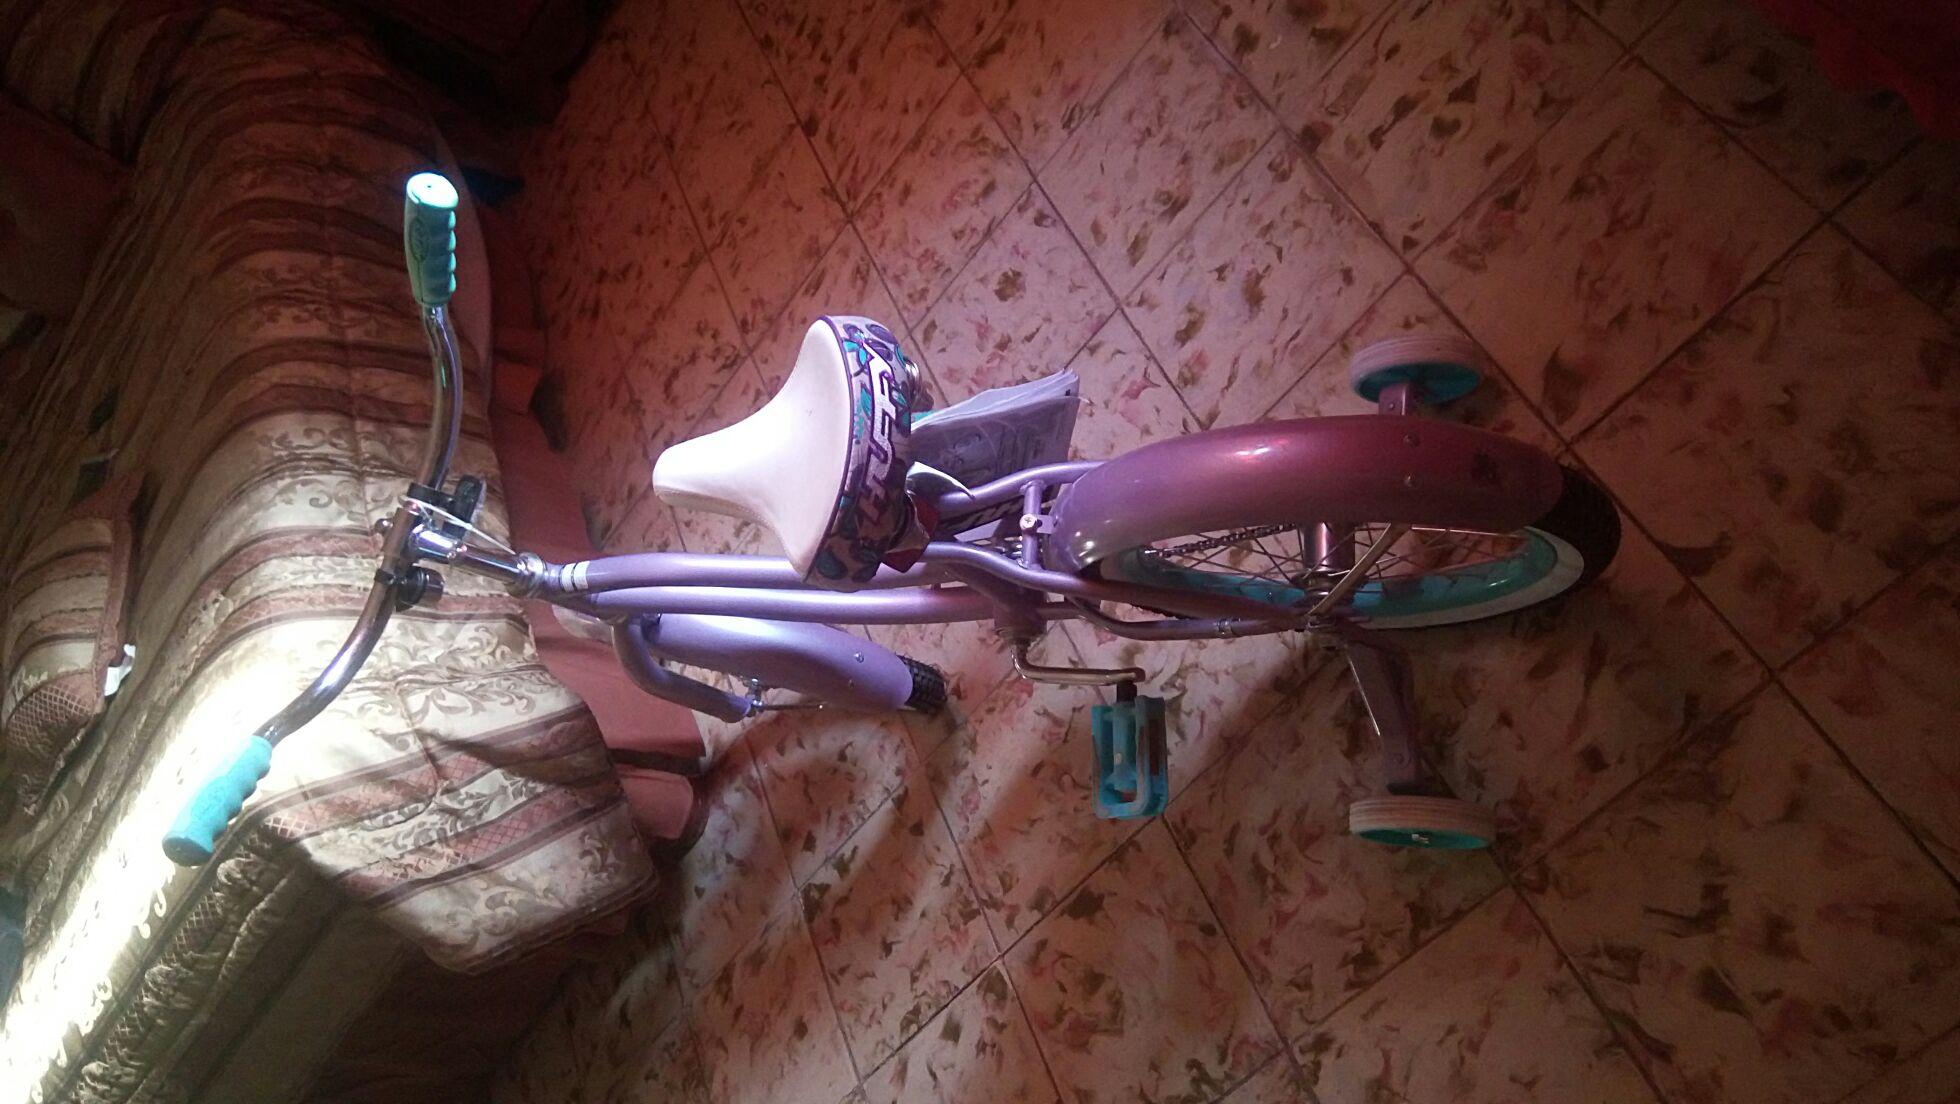 Walmart: Bicicleta HUFFY  para niña rodada 16 $358.01.. unicornio!!!(para mi) jajaja